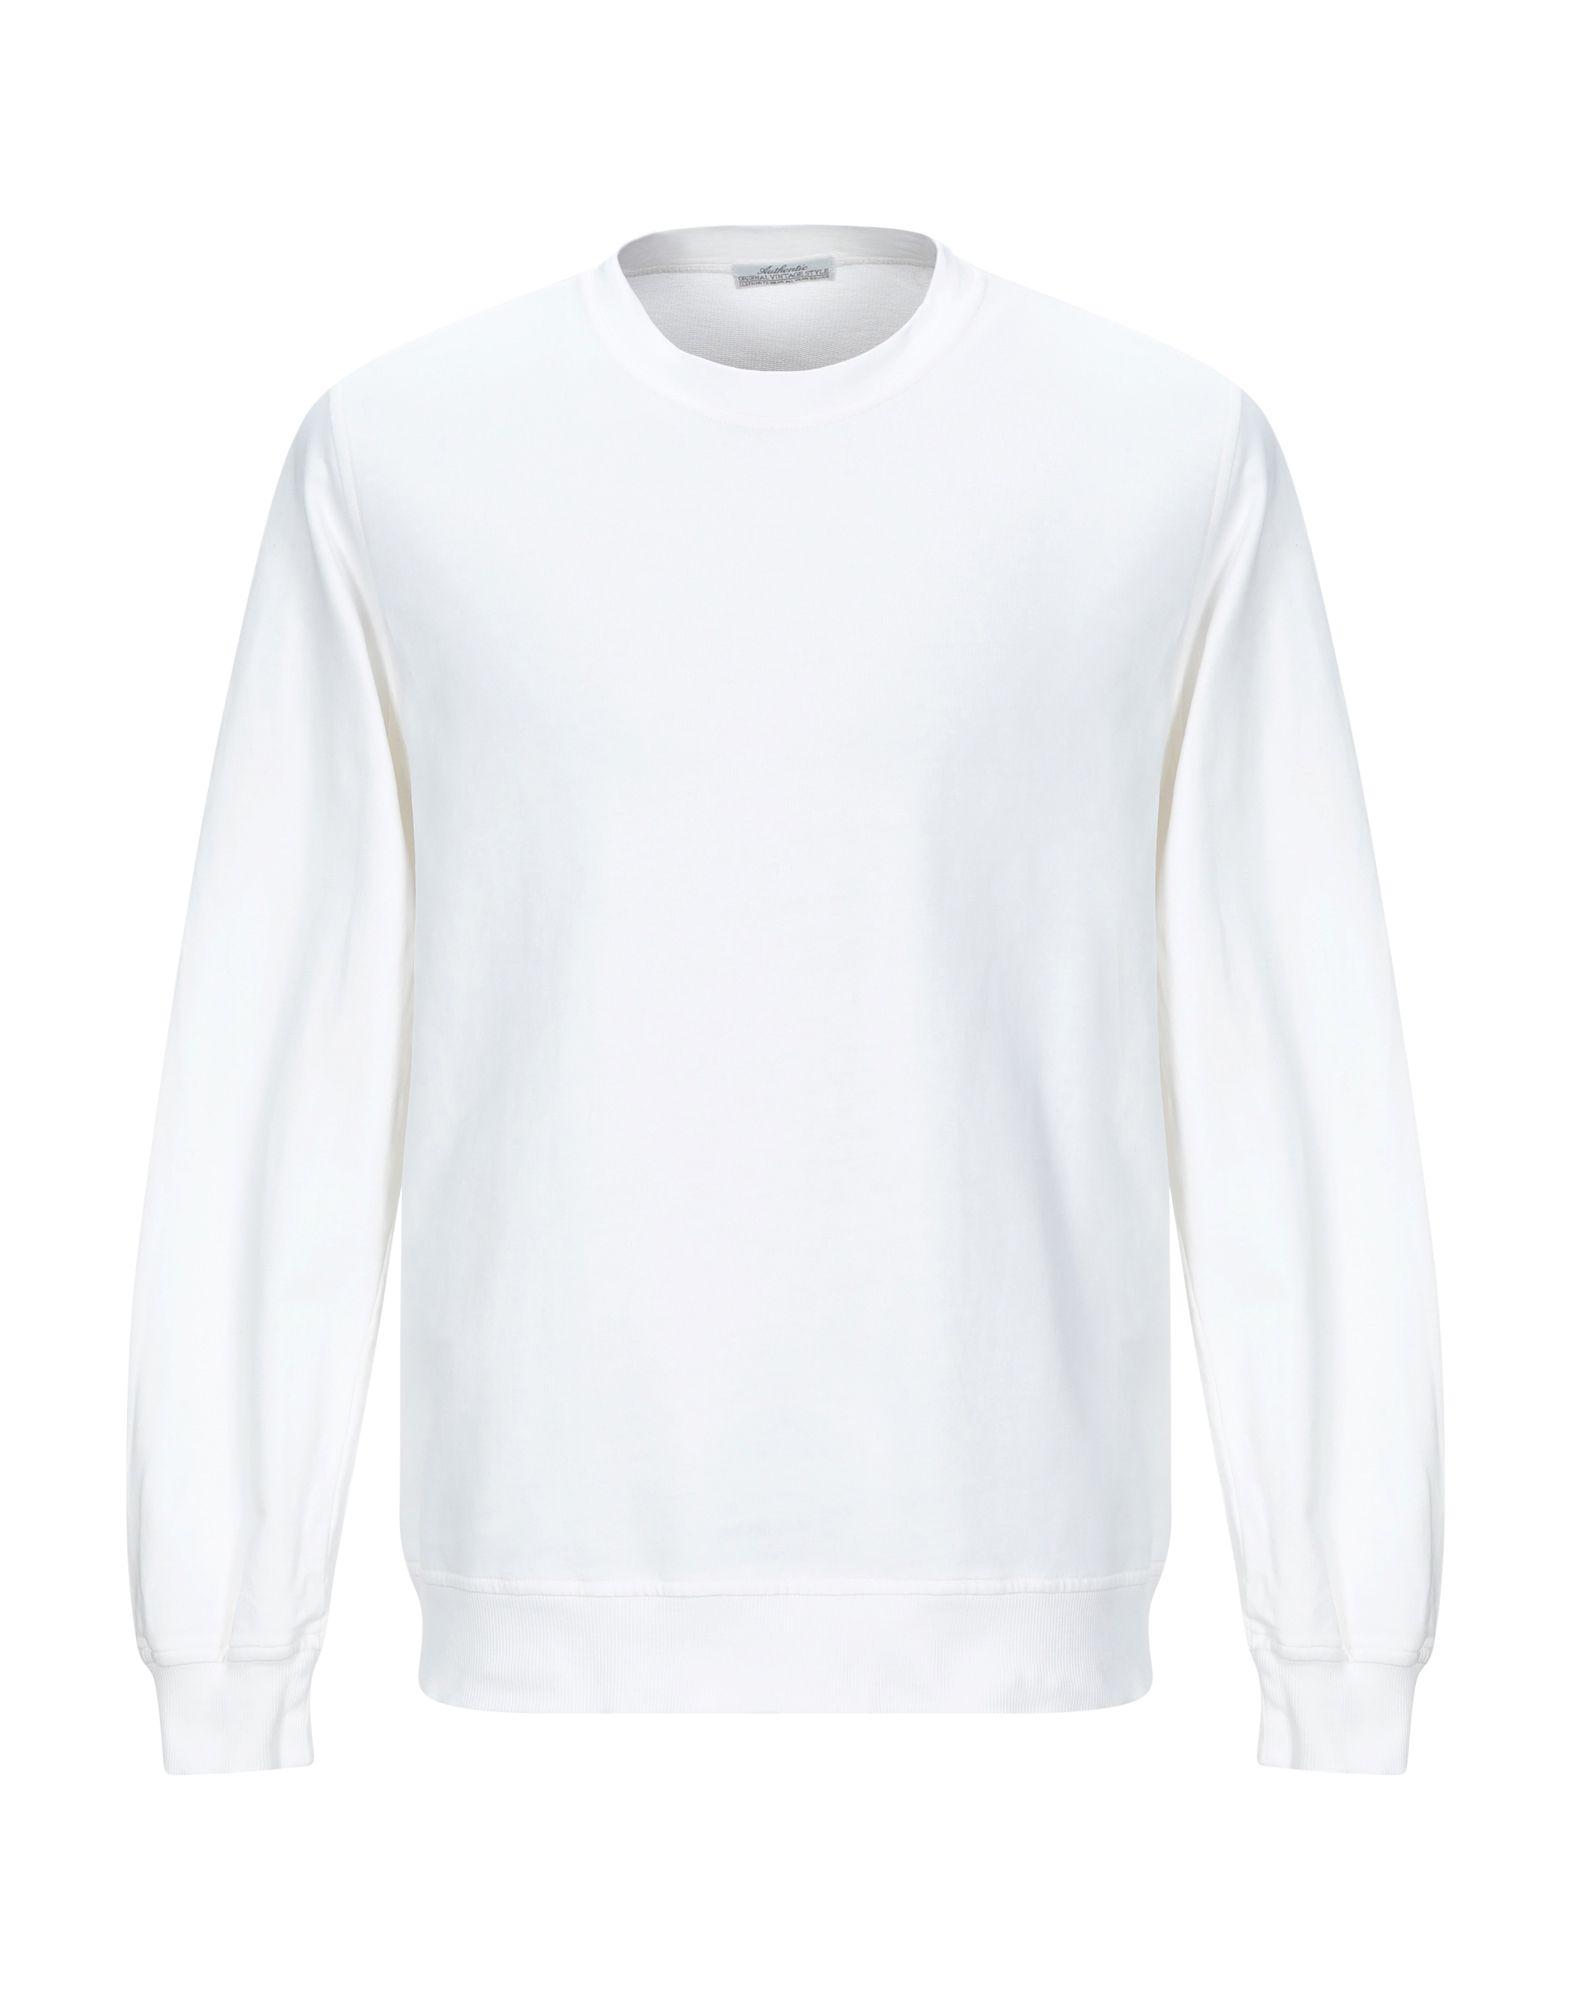 《送料無料》ORIGINAL VINTAGE STYLE メンズ スウェットシャツ ホワイト L コットン 100%